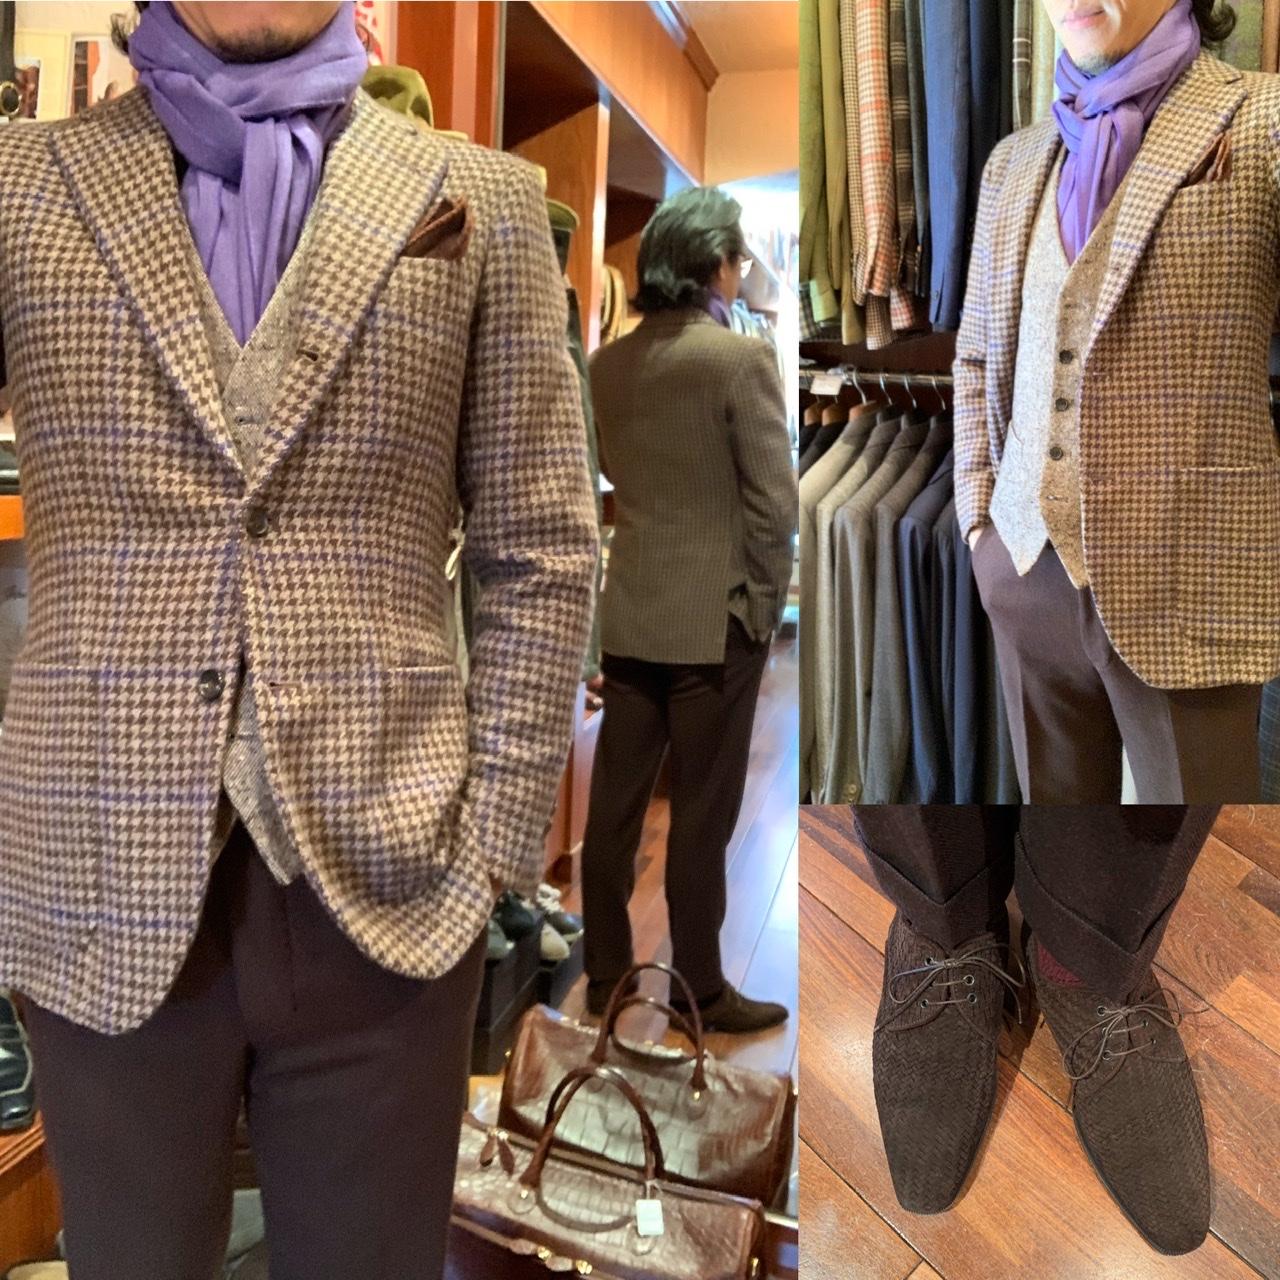 ◆貴男に似合う服が必ず見つかるクラシコイタリアの懐深さ◆